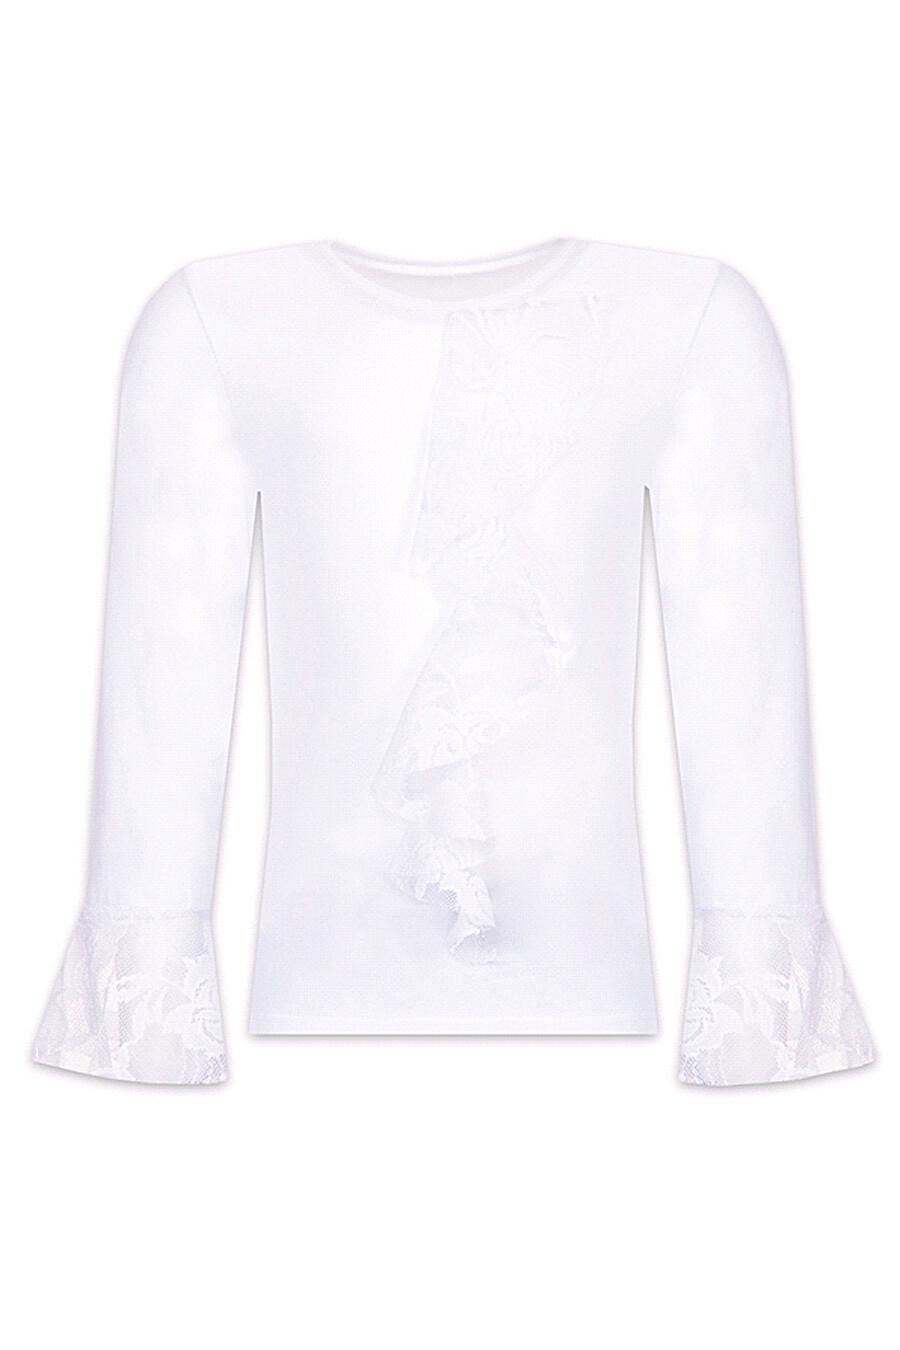 Лонгслив для девочек АПРЕЛЬ 700632 купить оптом от производителя. Совместная покупка детской одежды в OptMoyo